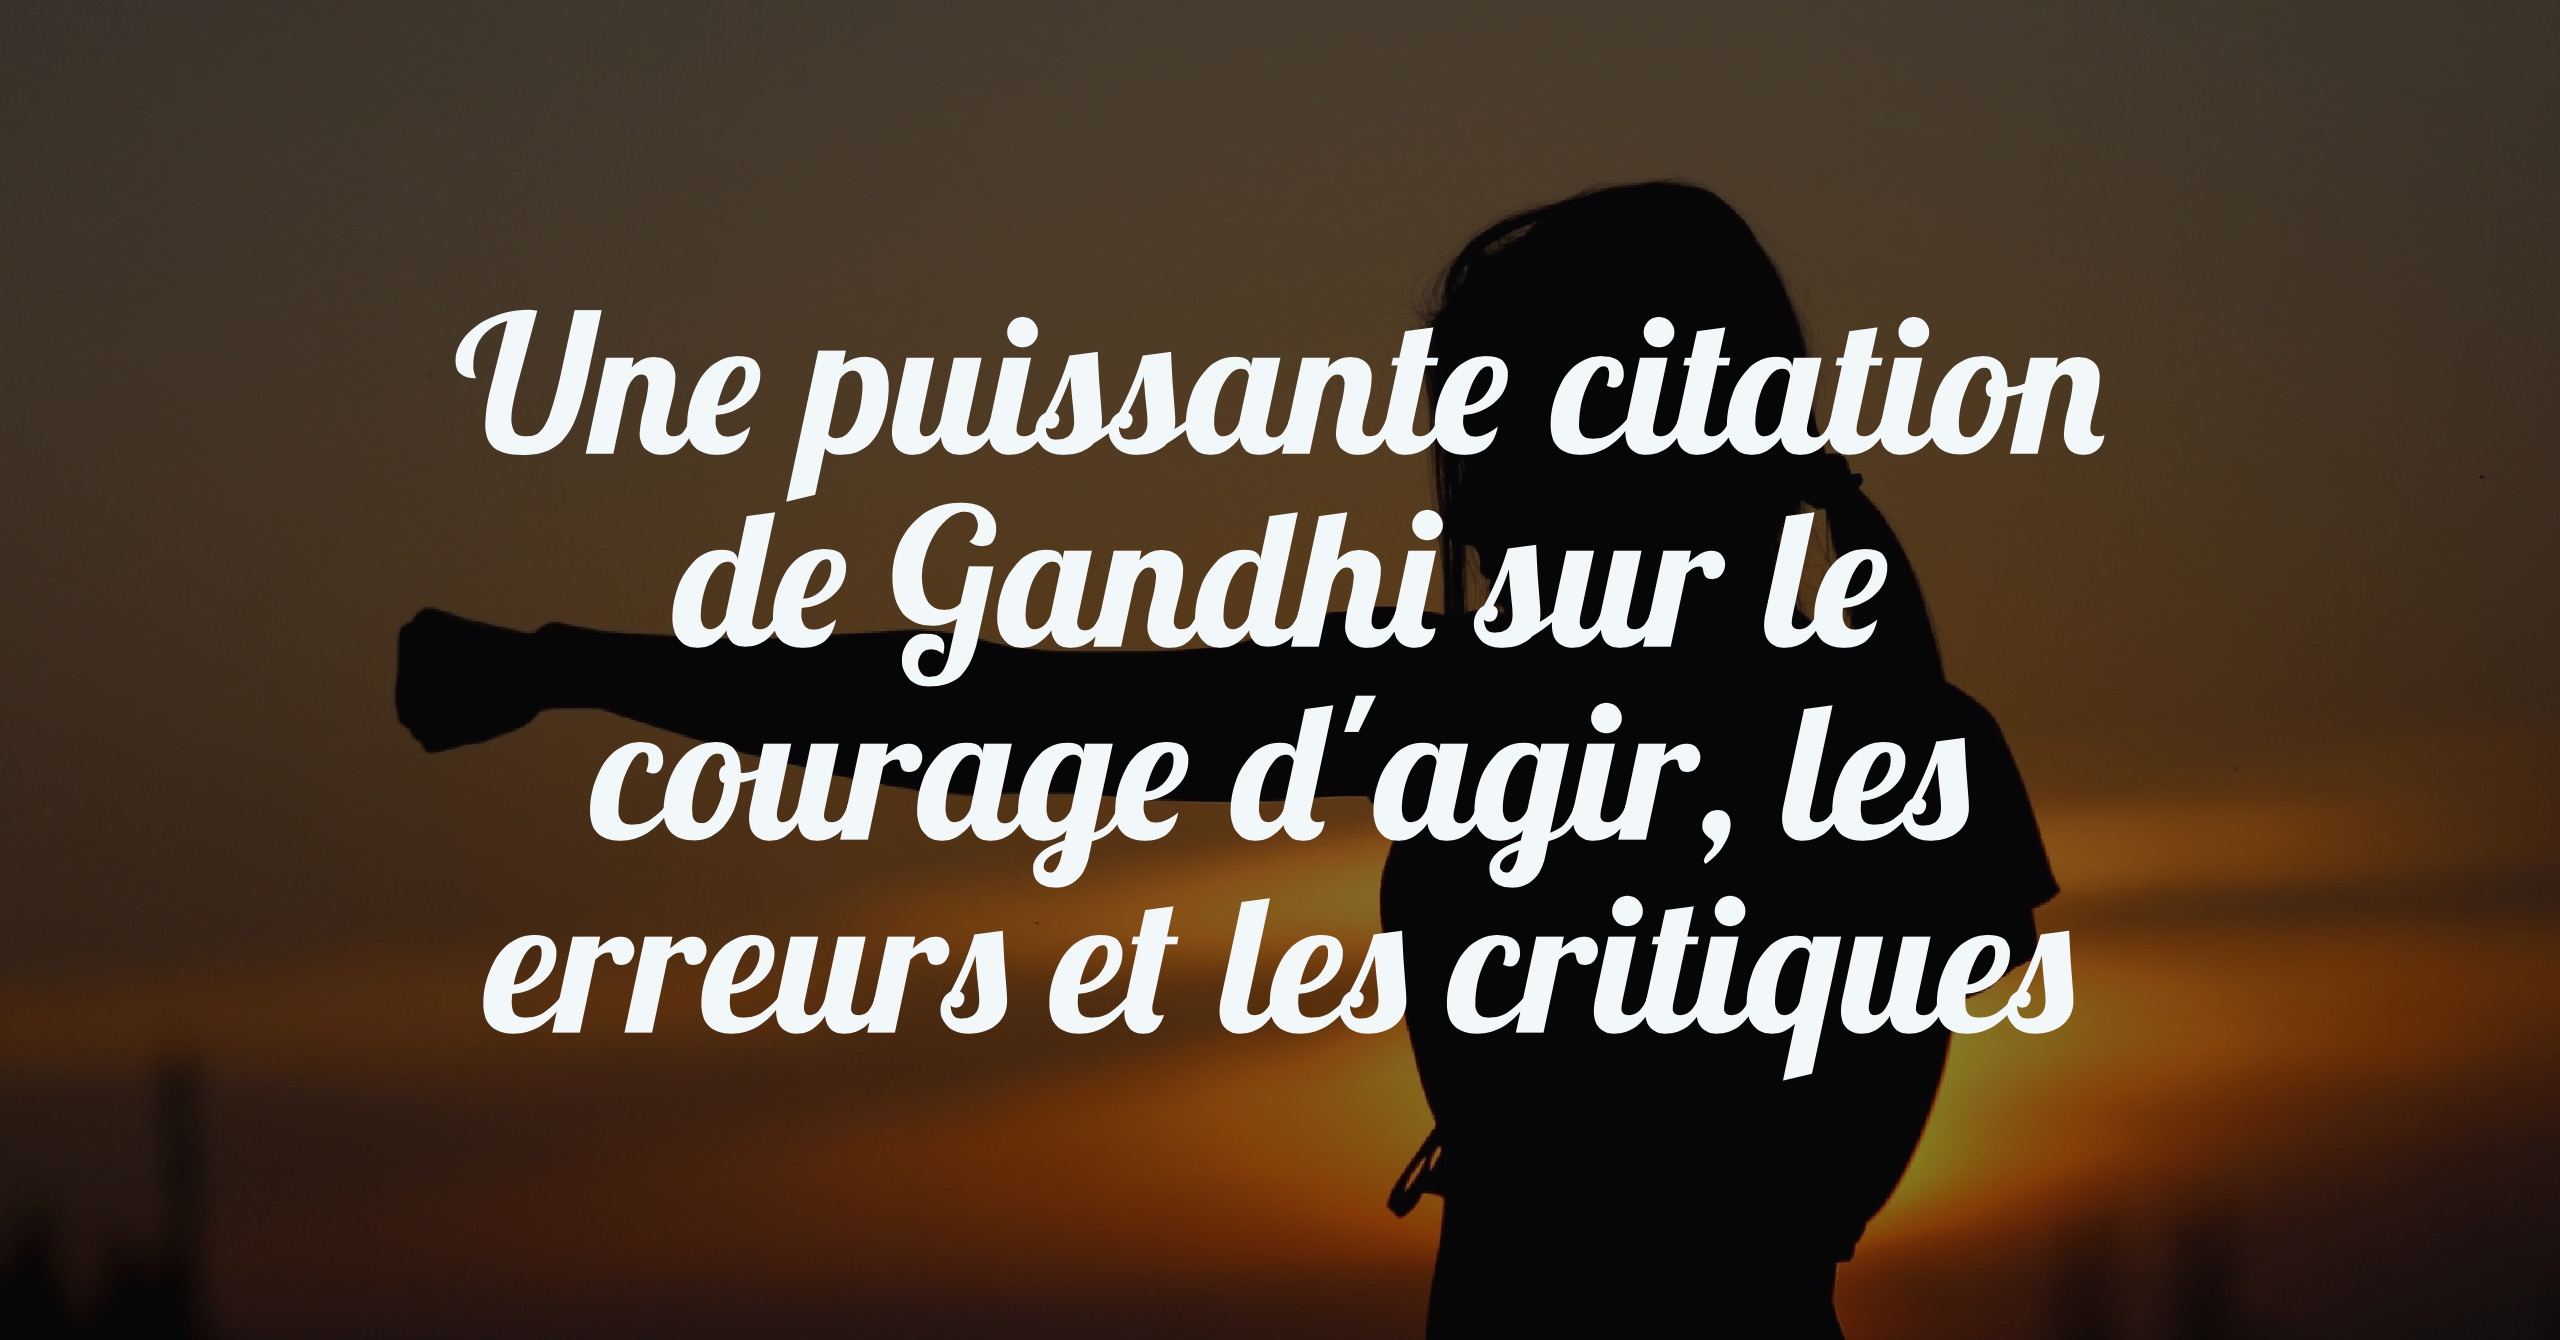 Une puissante citation de Gandhi sur le courage d'agir, les erreurs et les critiques